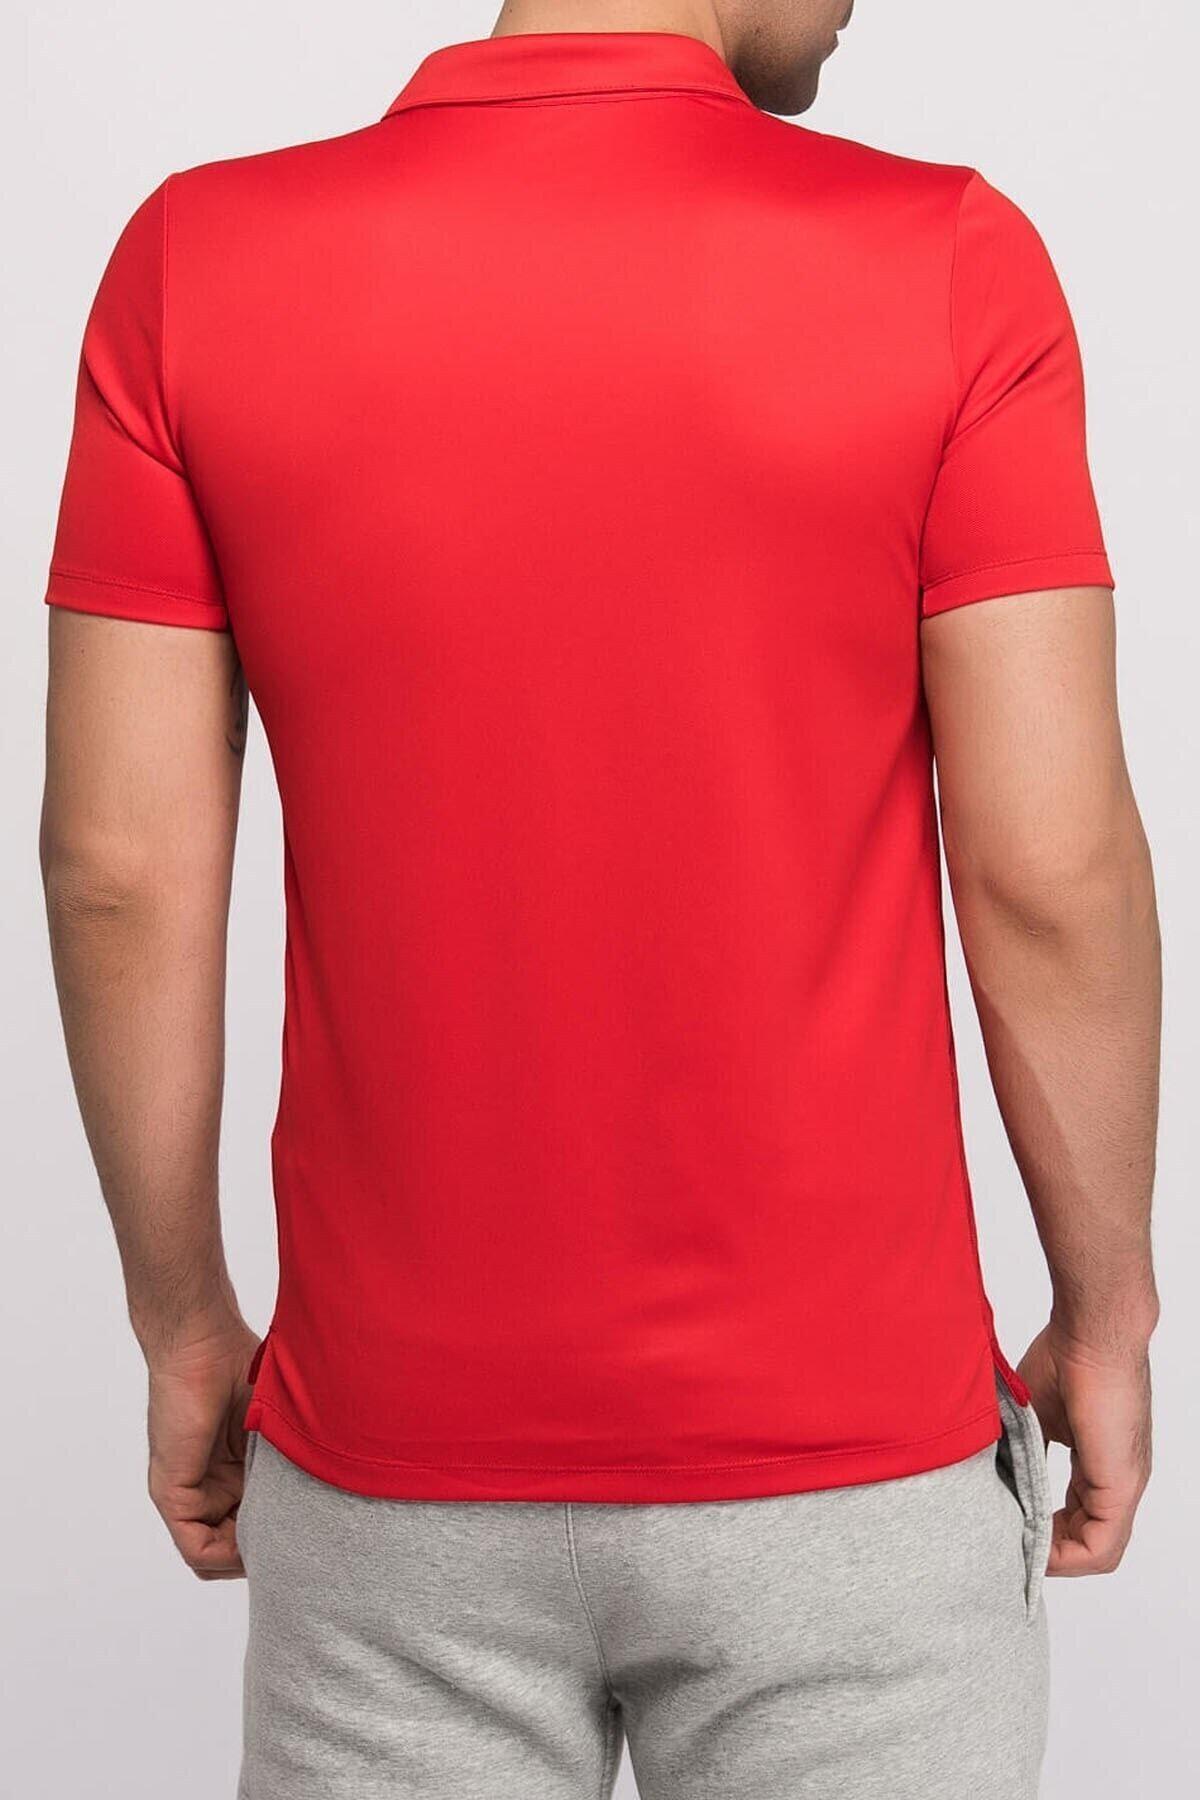 Nike Erkek Kırmızı Polo T-Shirt 2